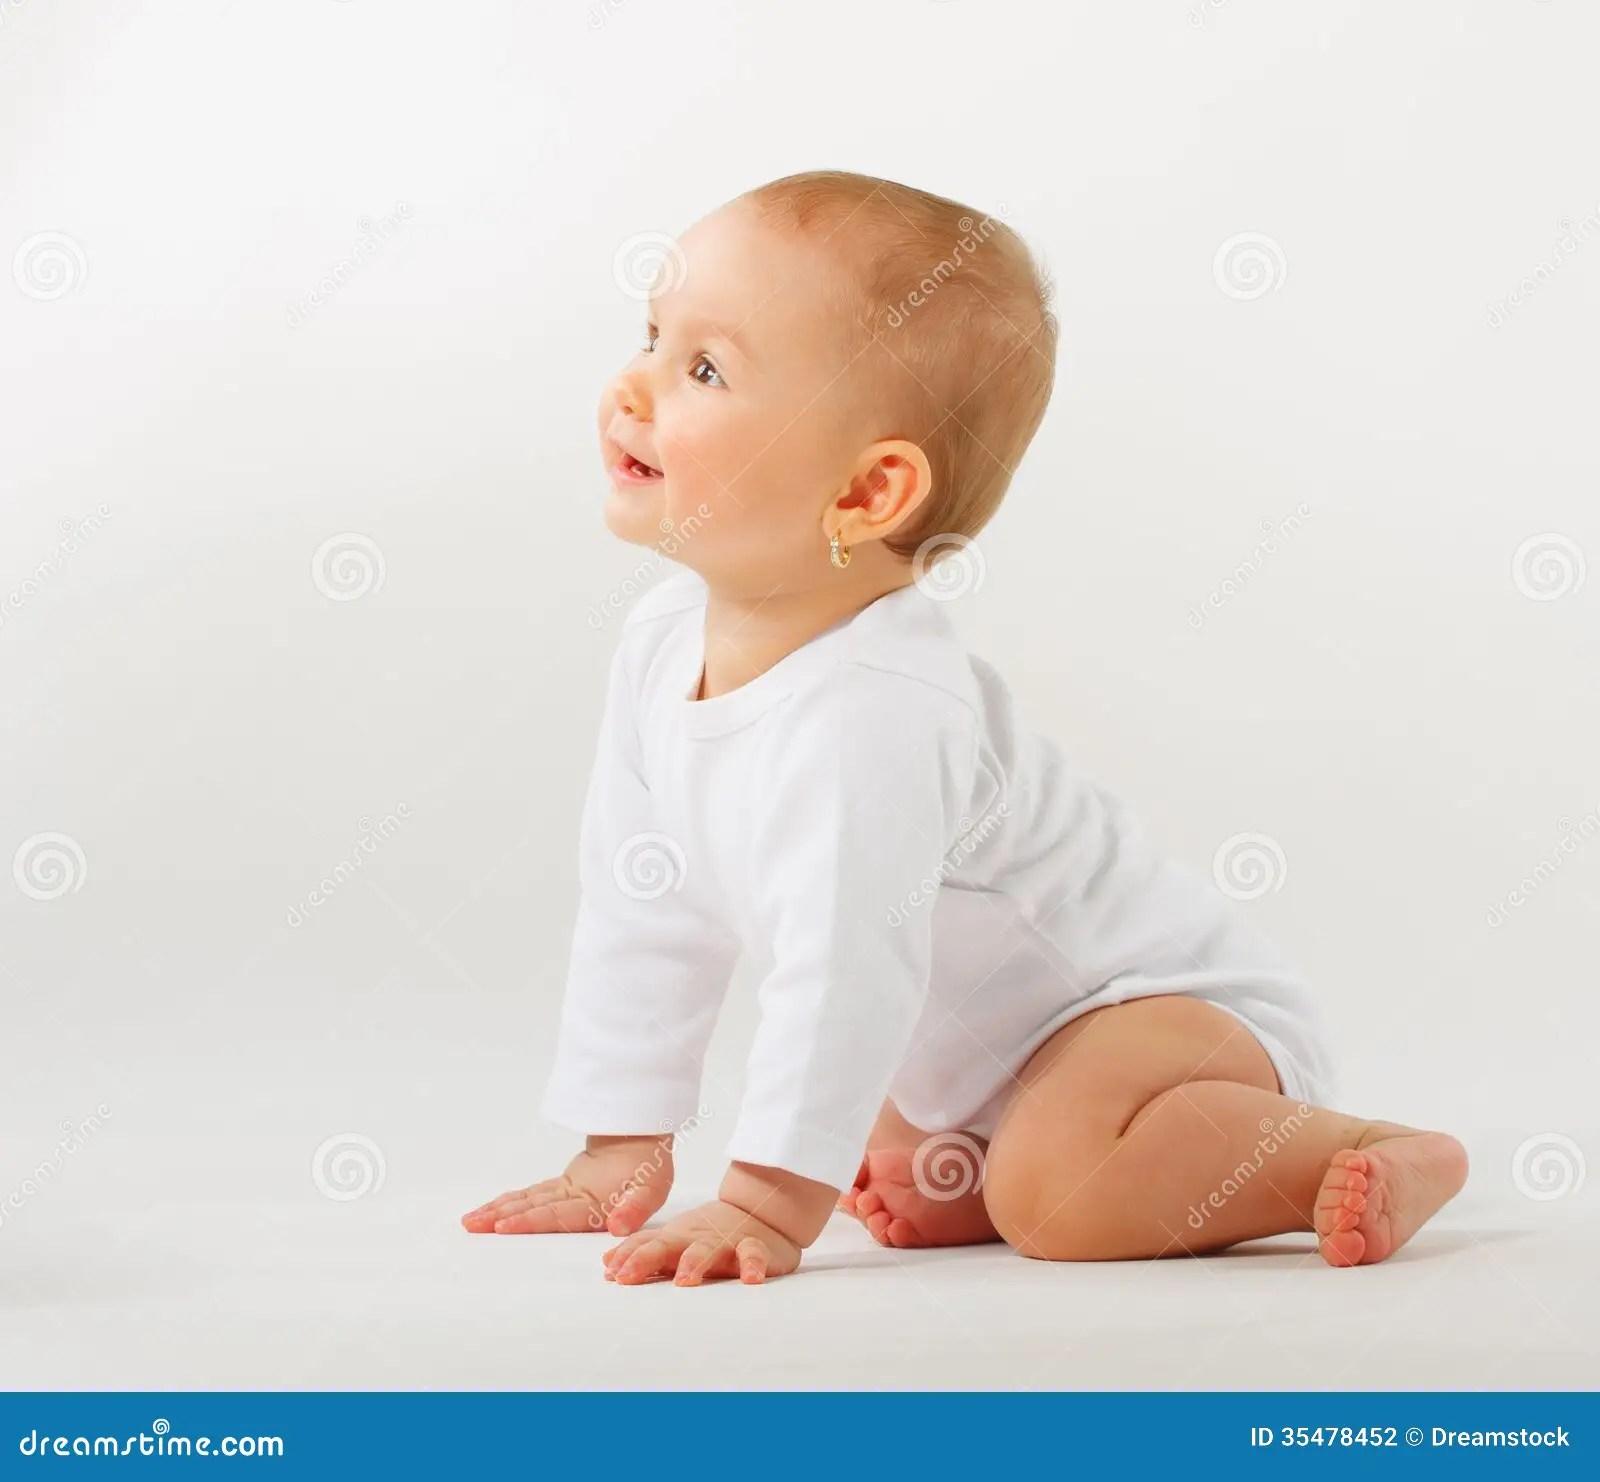 Newborn Smile And Laugh